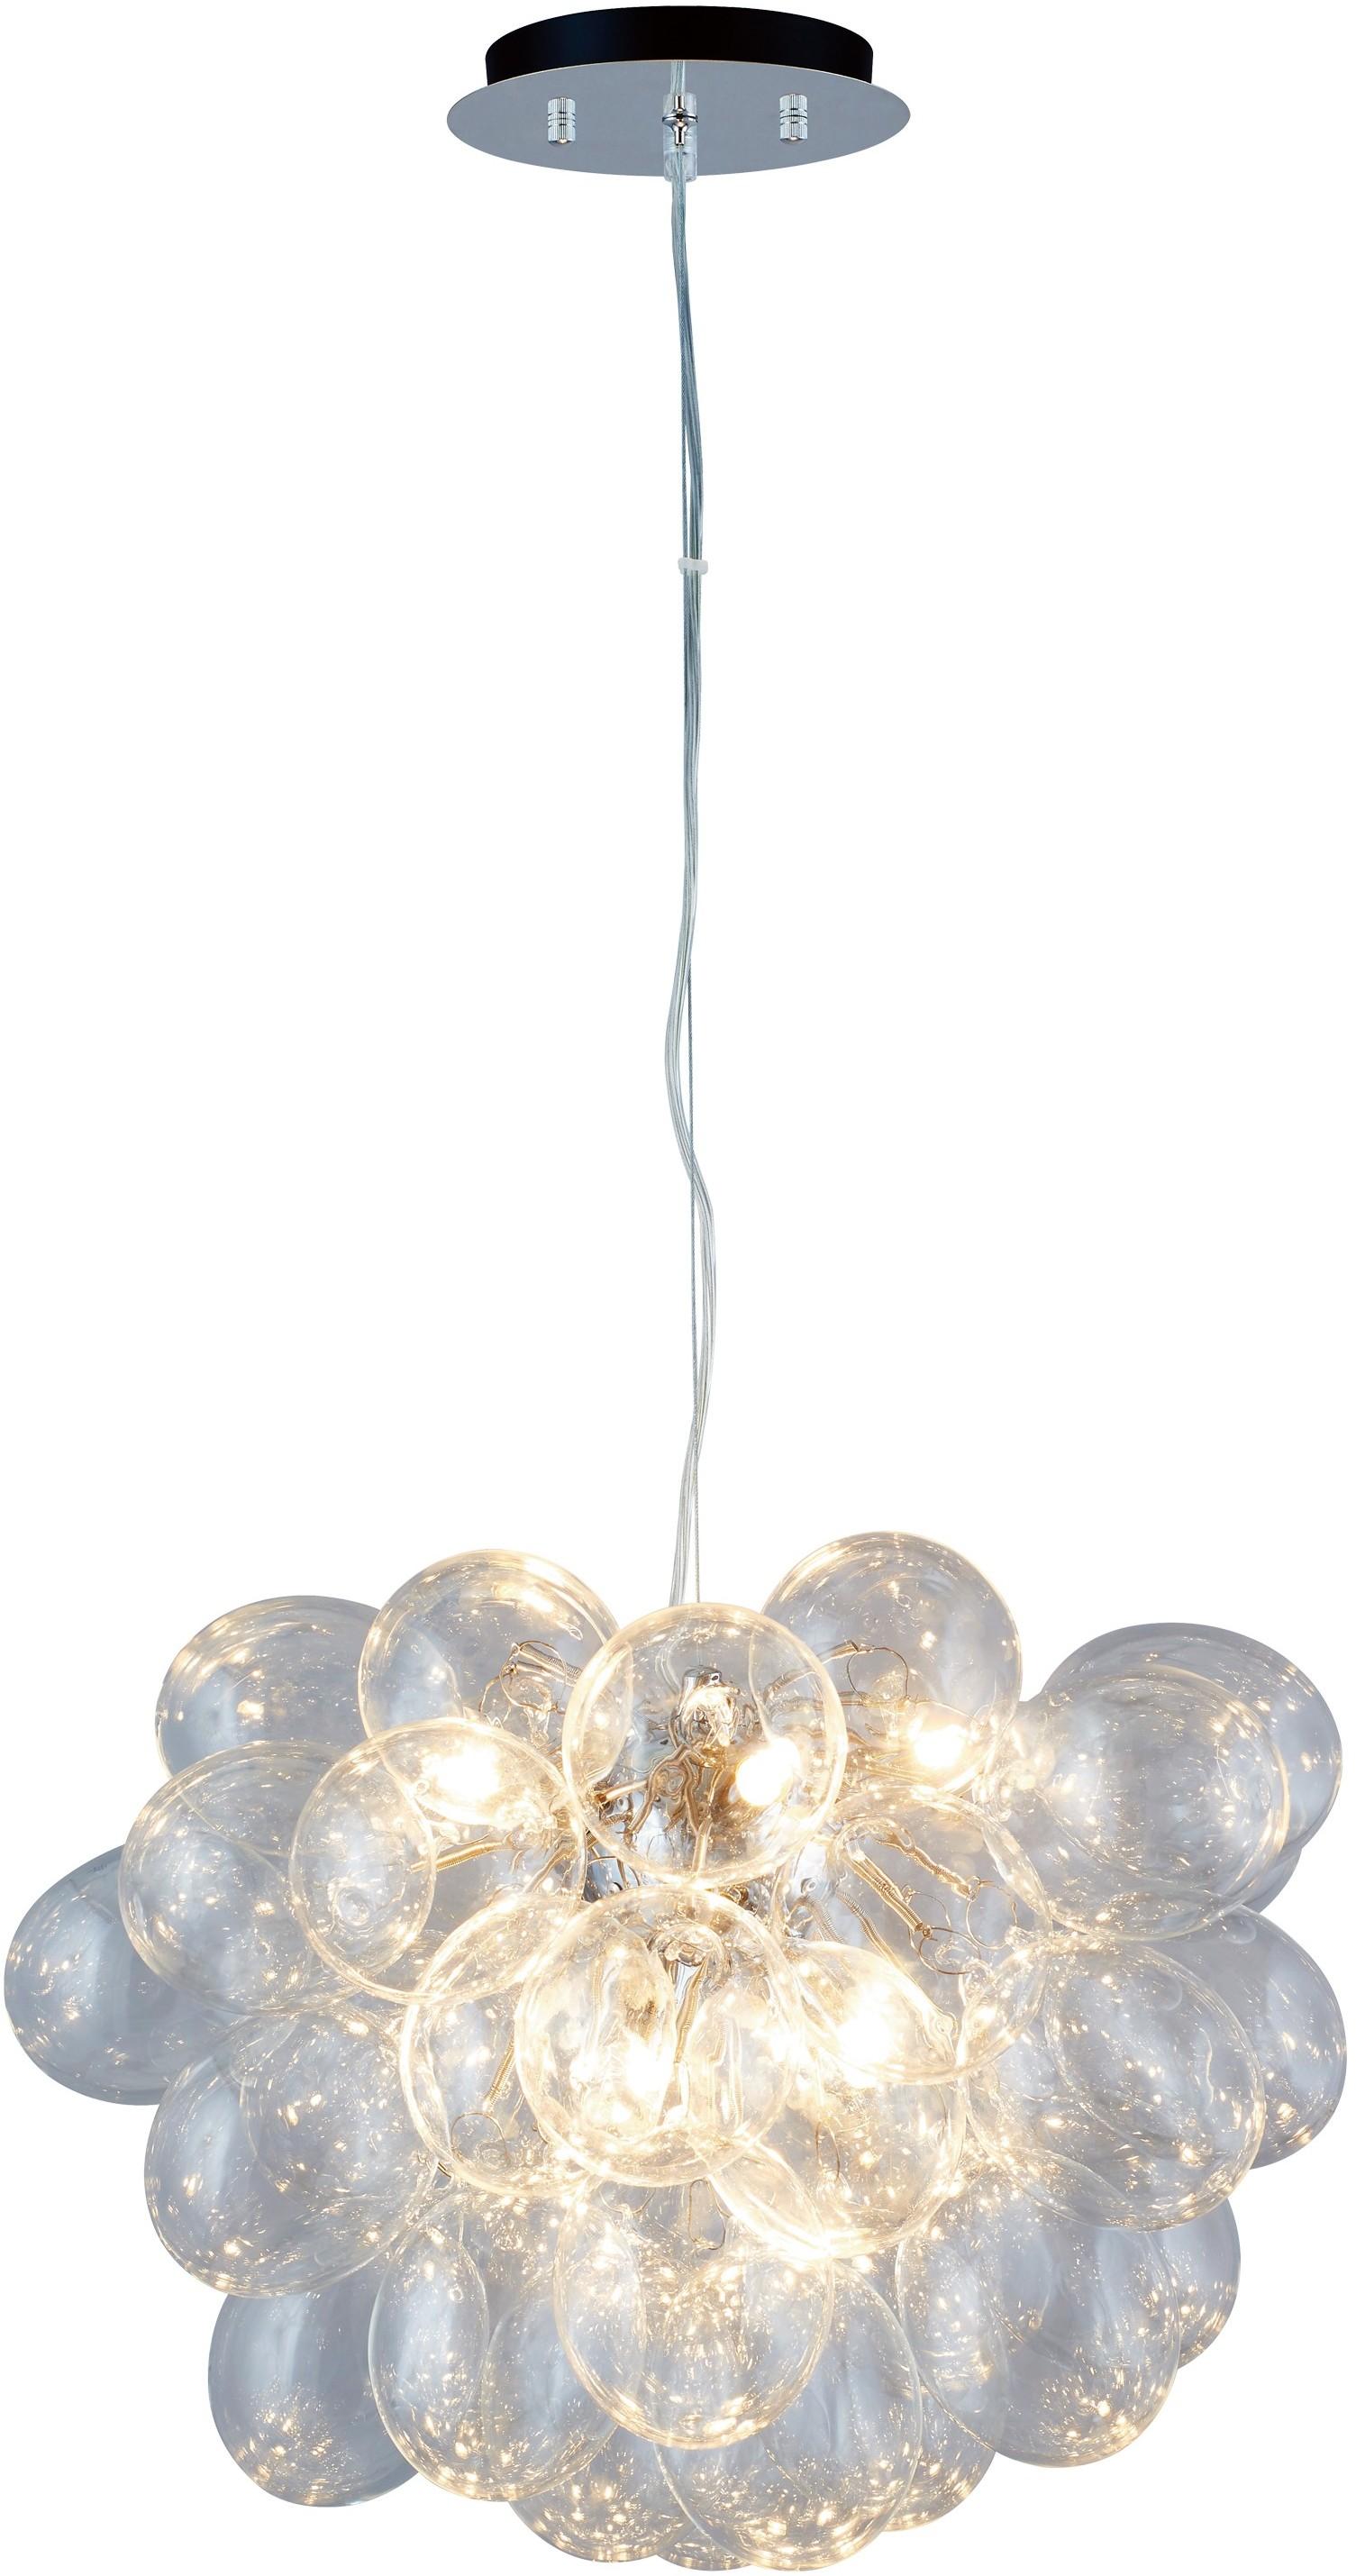 Spotlight LAMPA wisząca GRAPE 5750828 szklana OPRAWA zwis IP20 kule ball przezro